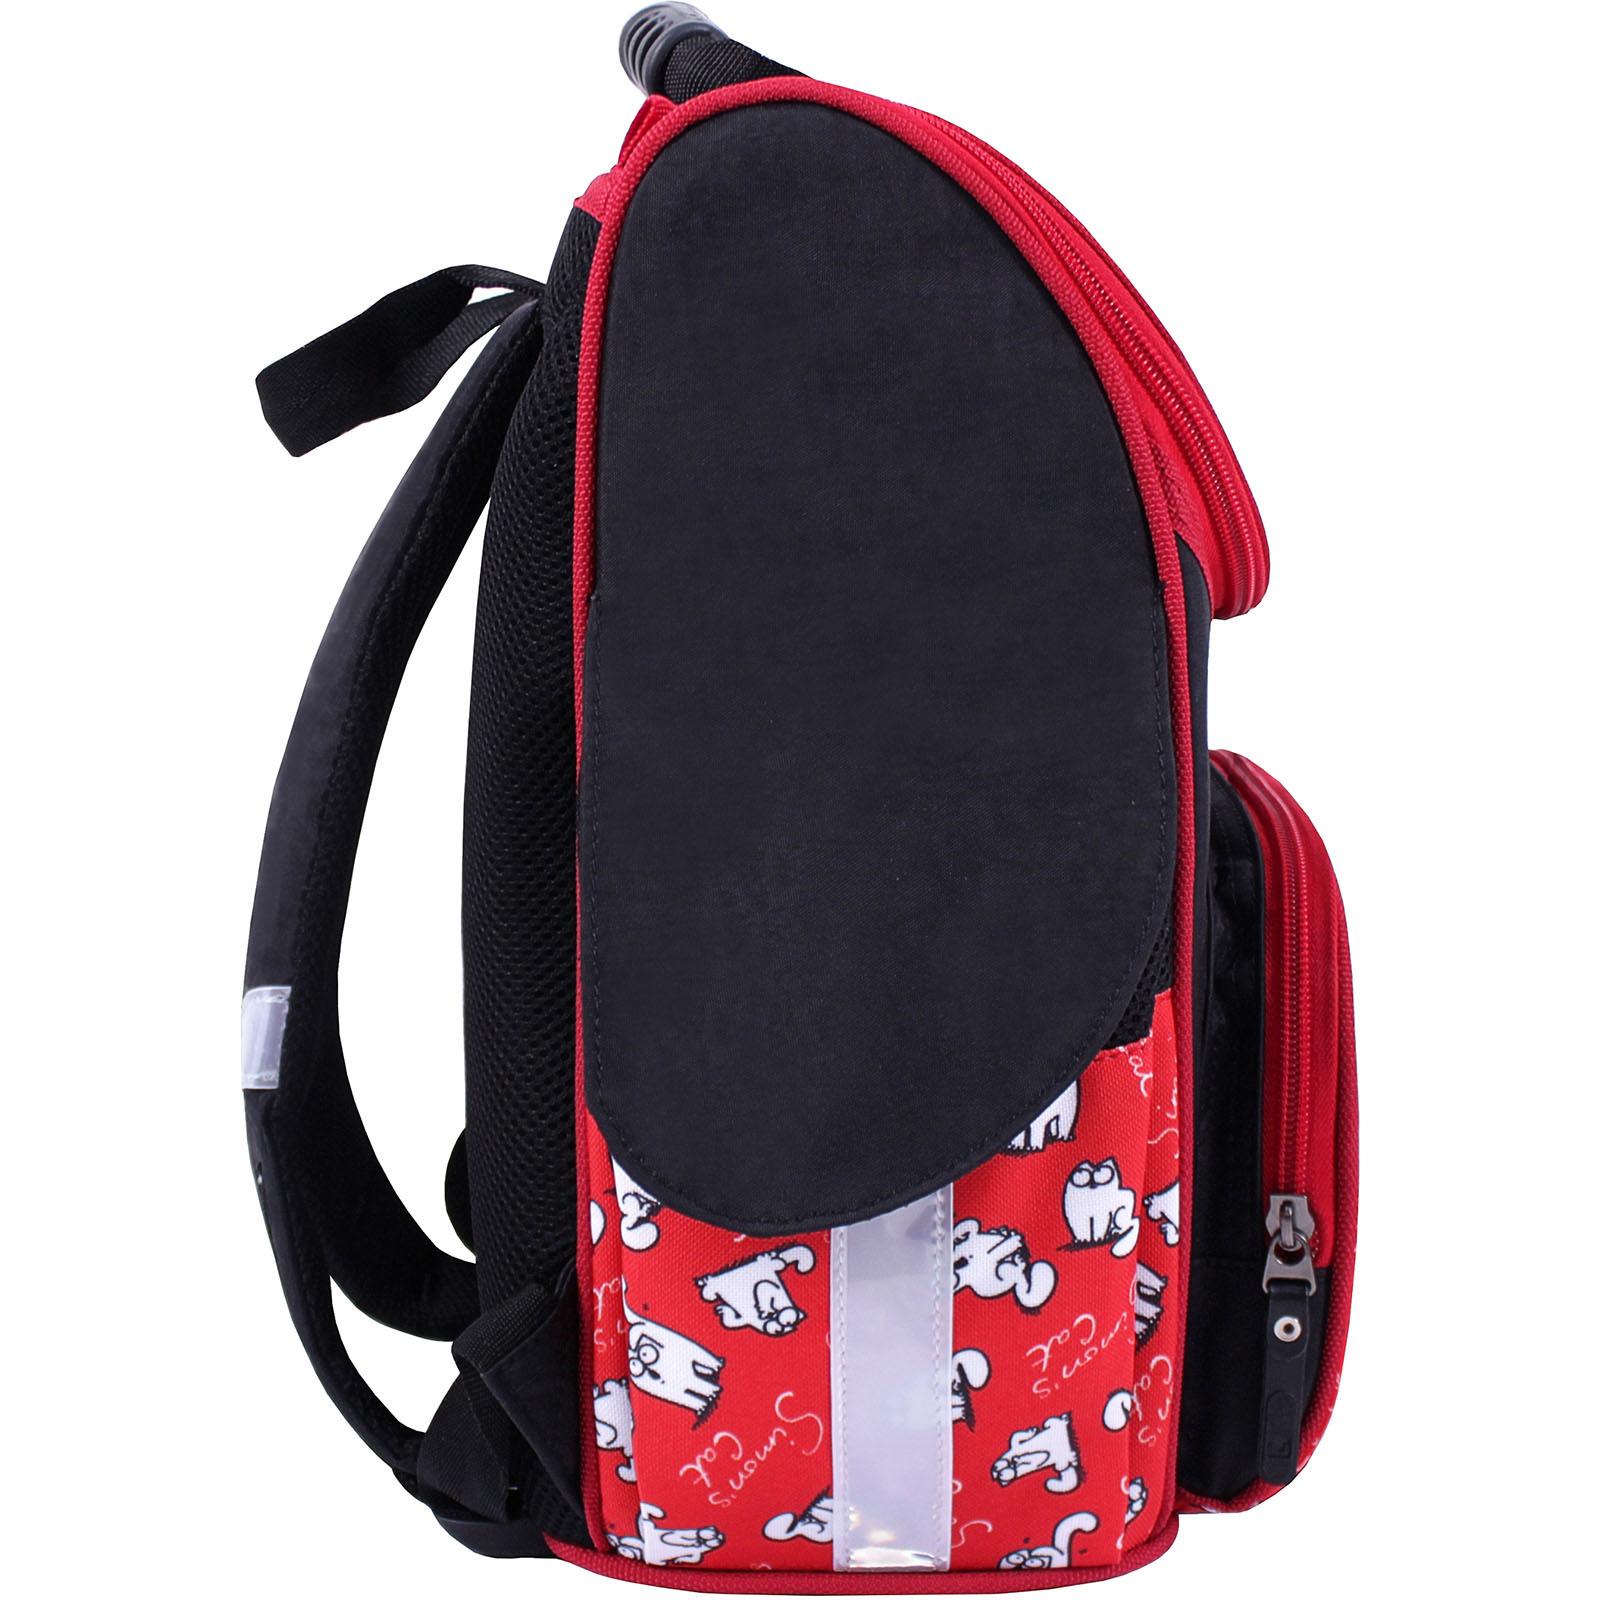 Рюкзак школьный каркасный Bagland Успех 12 л. Черный 372 (00551702) фото 23